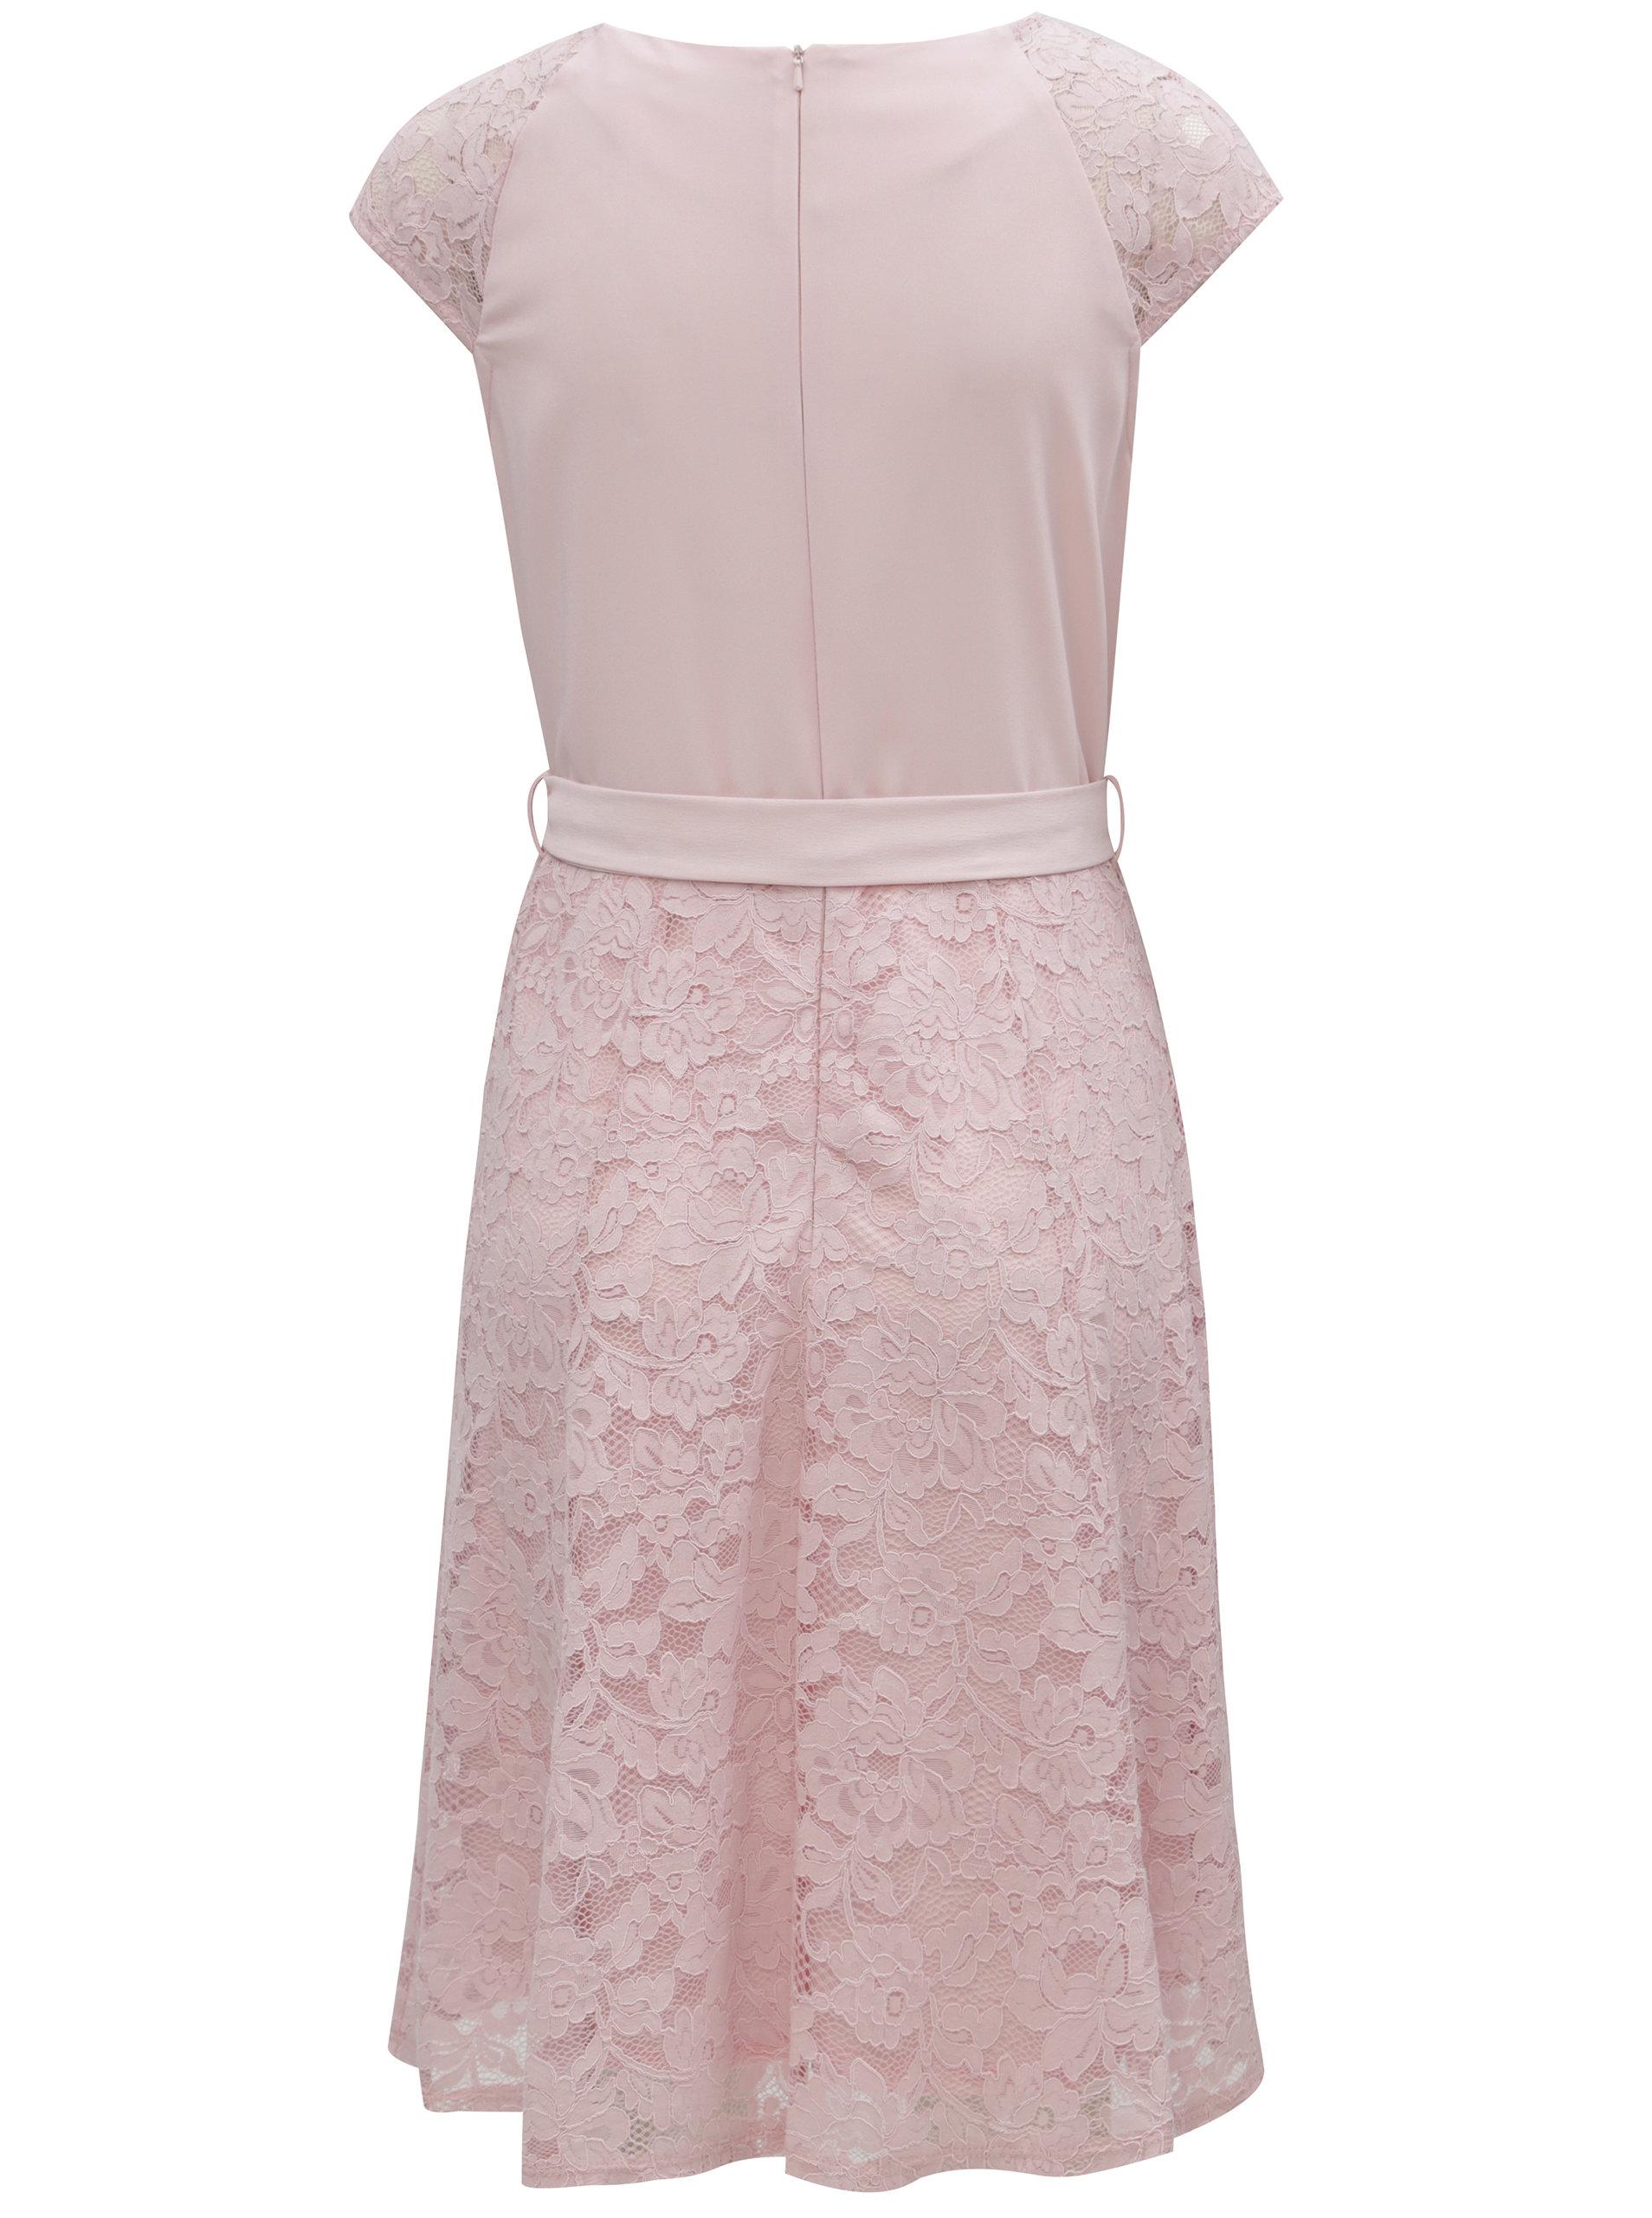 a440731228d Růžové krajkové šaty se zavazováním Billie   Blossom ...